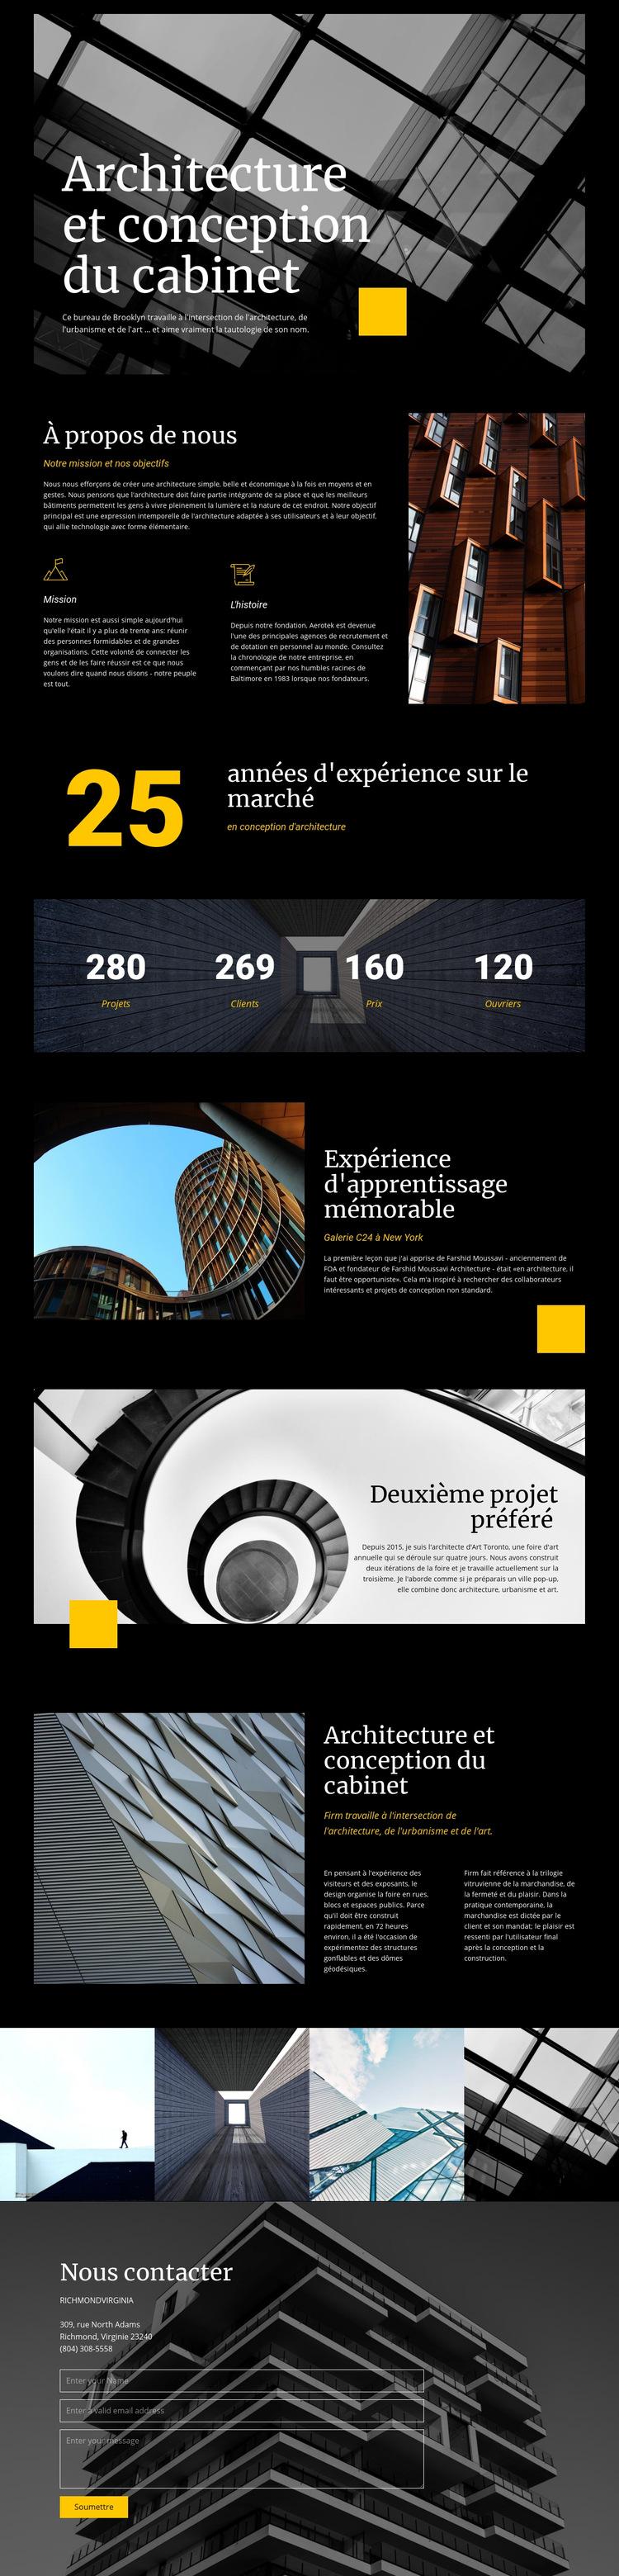 Architecture et design d'entreprise Modèle de site Web